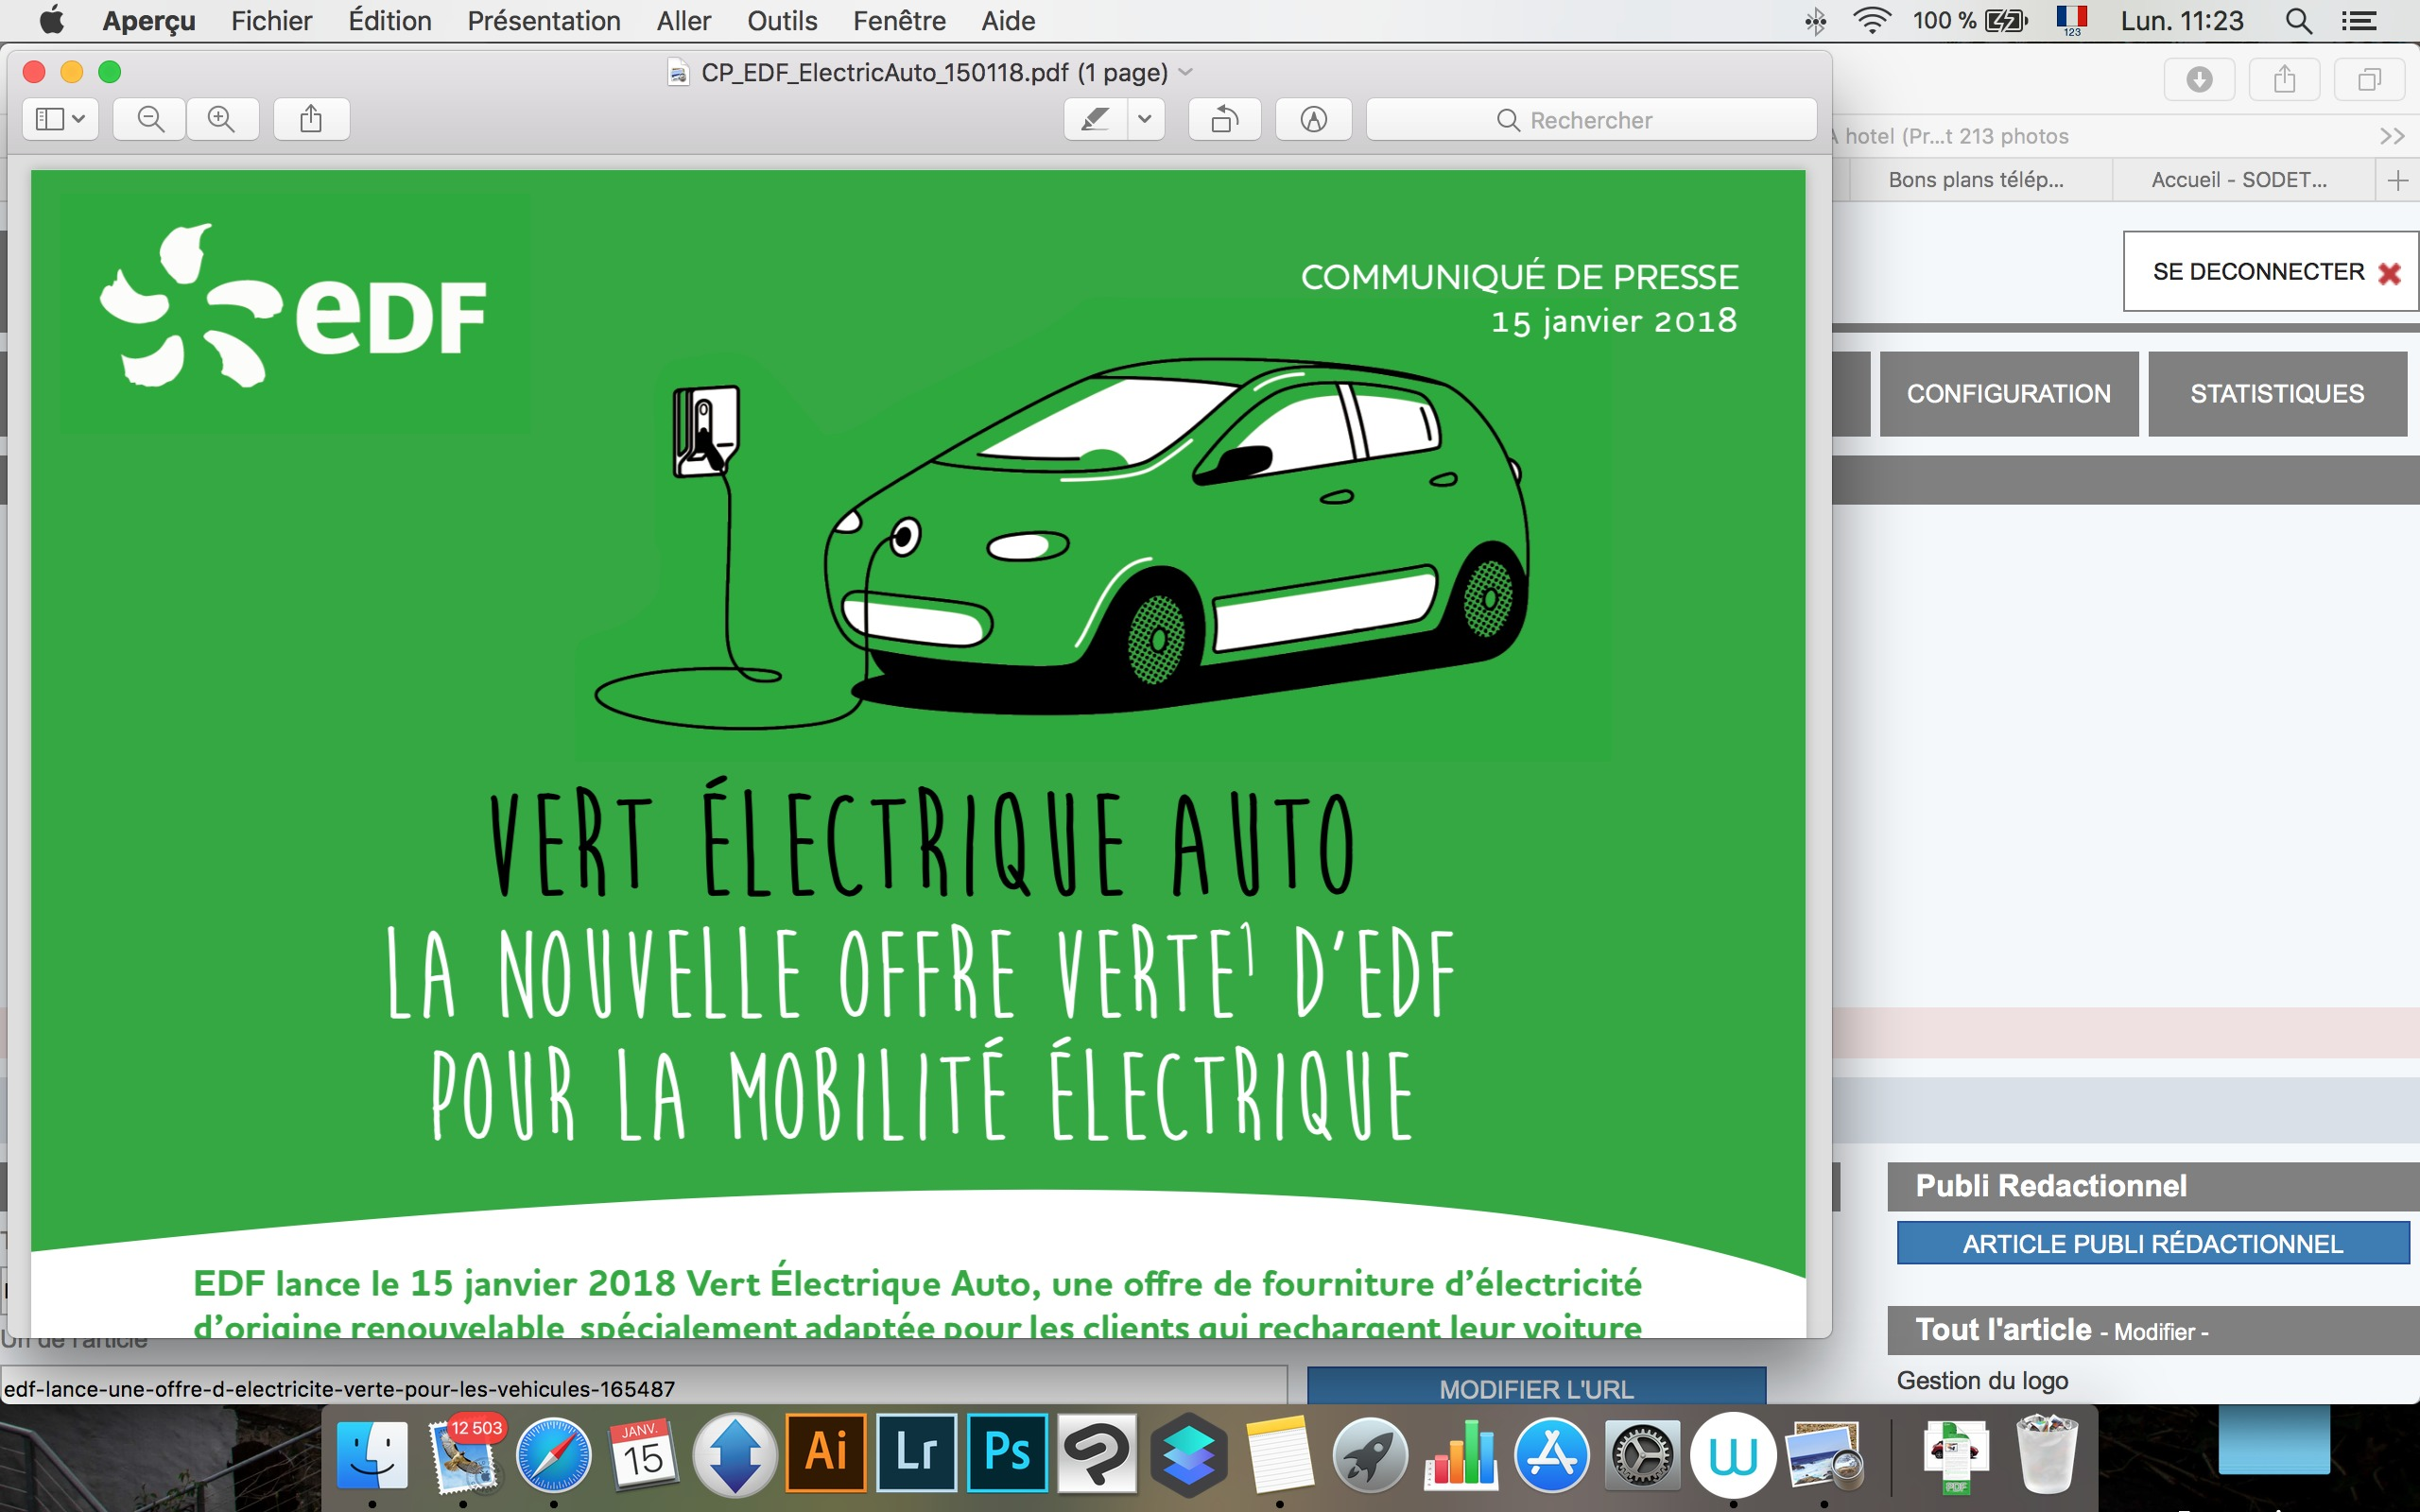 https://images.caradisiac.com/logos/4/1/6/7/244167/S0-edf-lance-une-offre-d-electricite-verte-pour-les-vehicules-165487.jpg